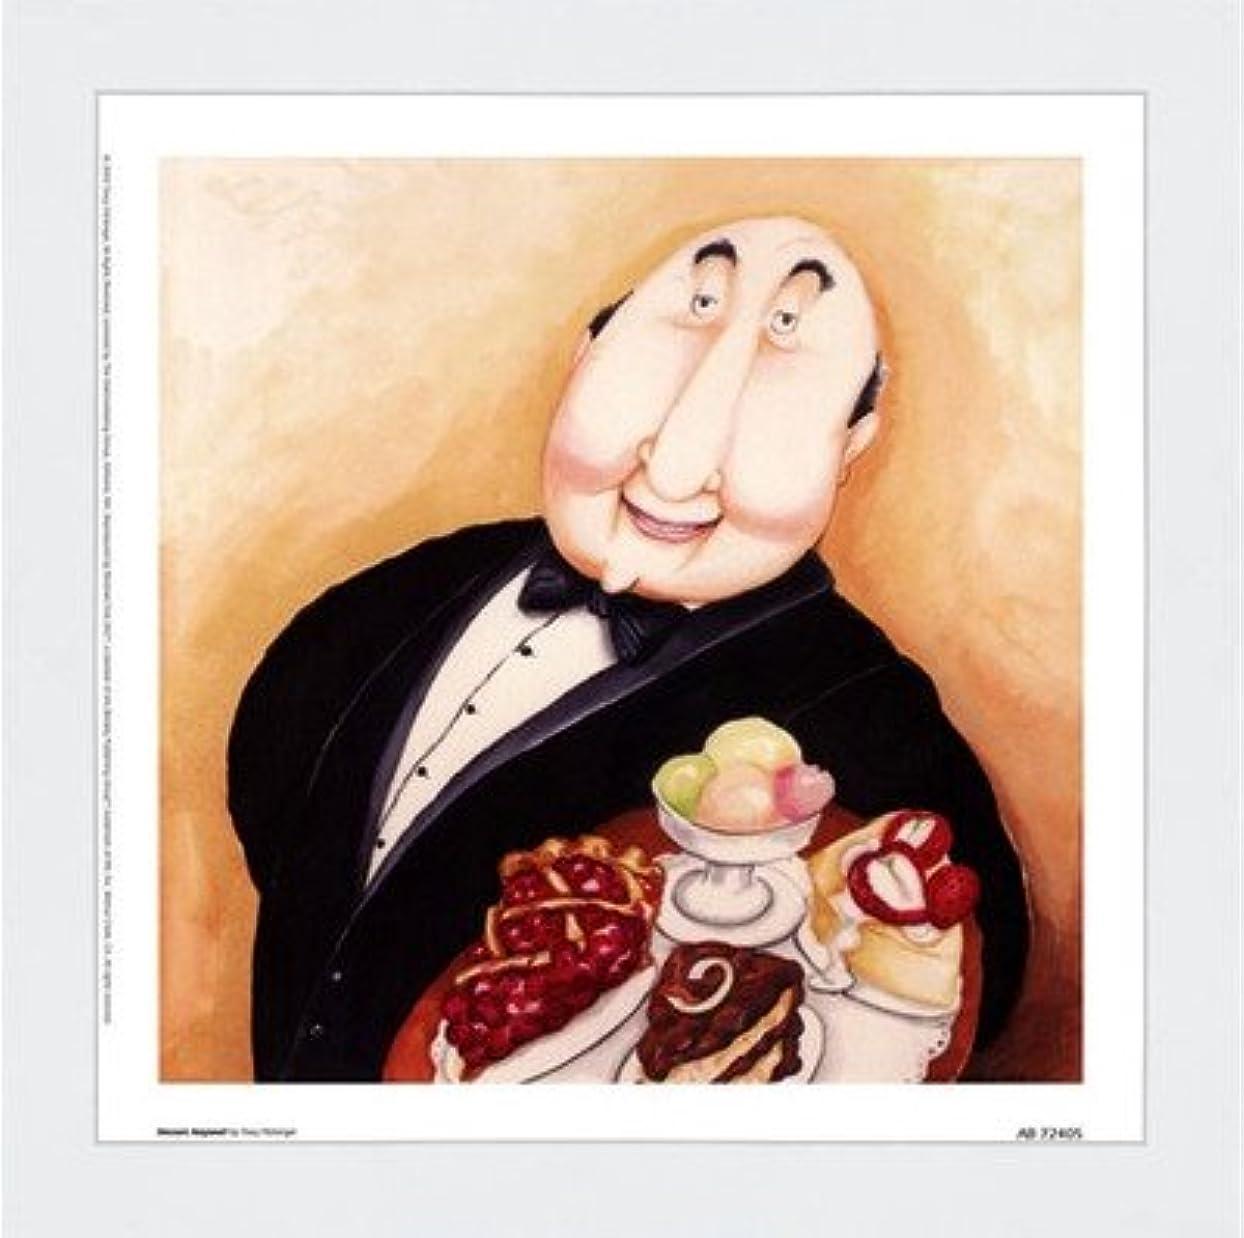 ワインスリットロボットデザートAnyone by Tracy Flickinger – 9 x 9インチ – アートプリントポスター LE_468077-F8989-9x9